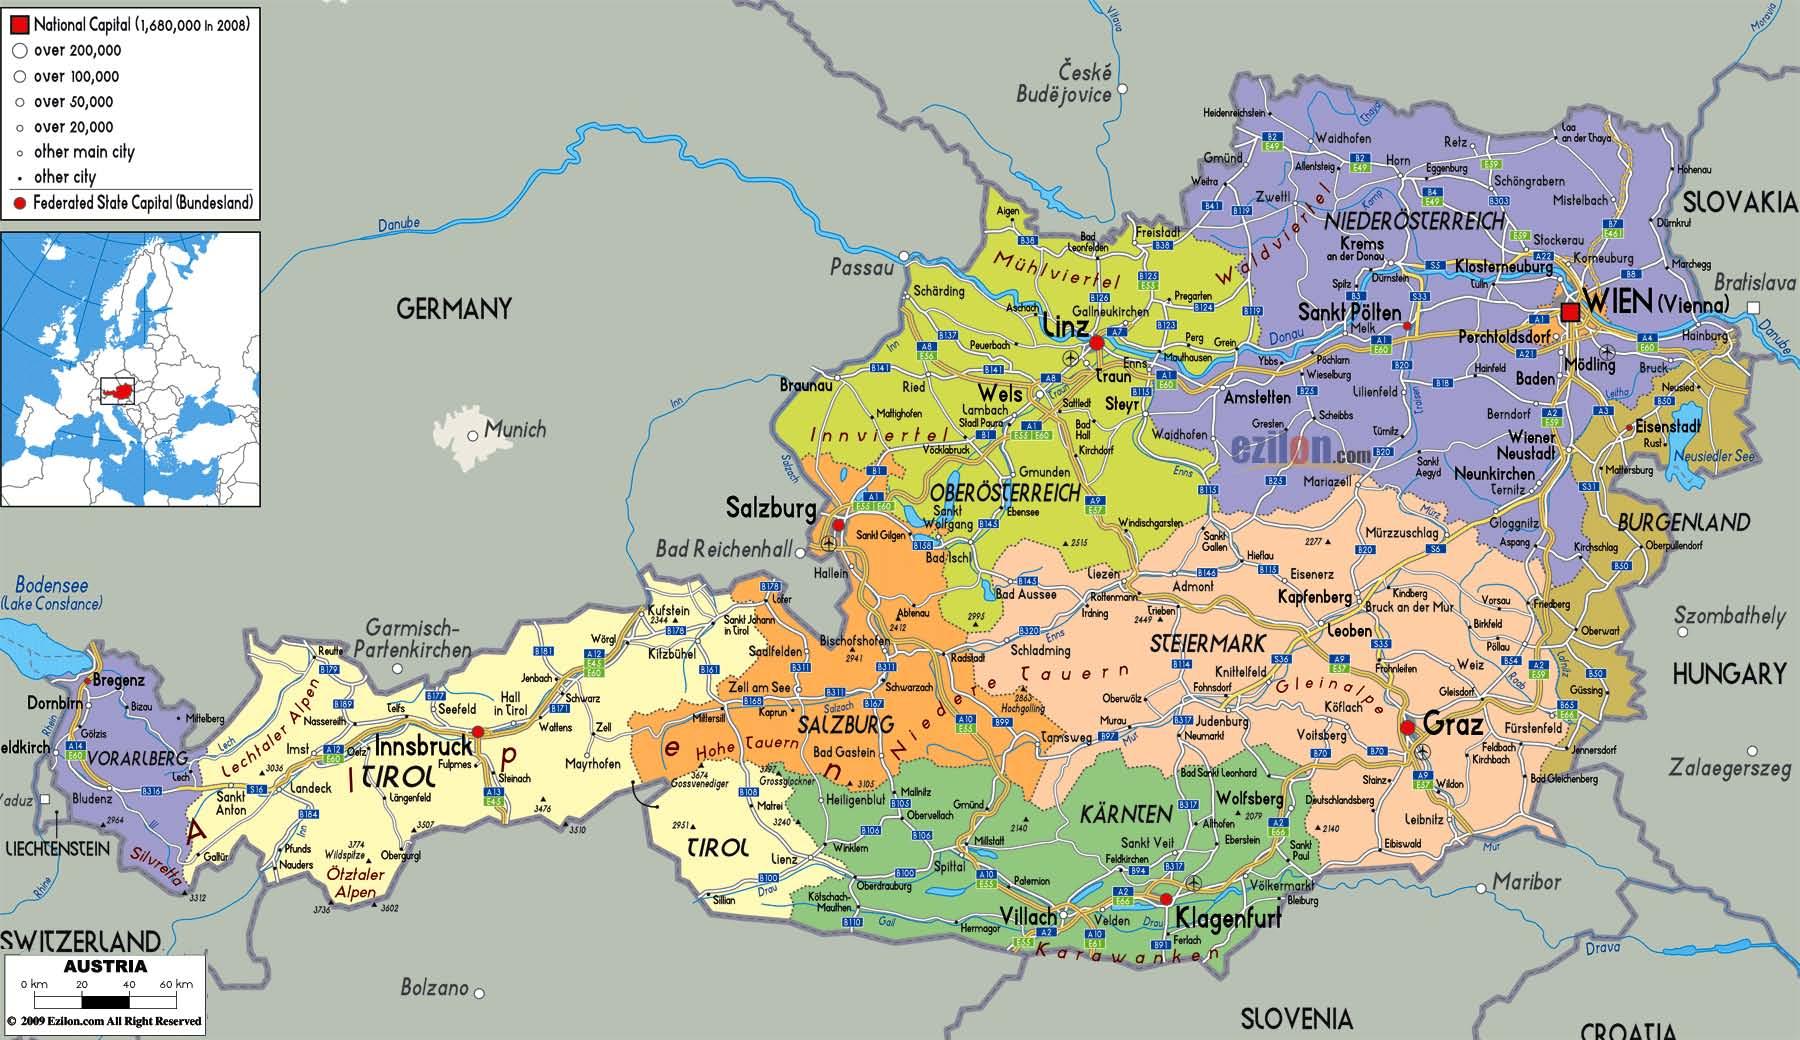 ausztria térkép burgenland .geoturizmuscentrum.hu ausztria térkép burgenland